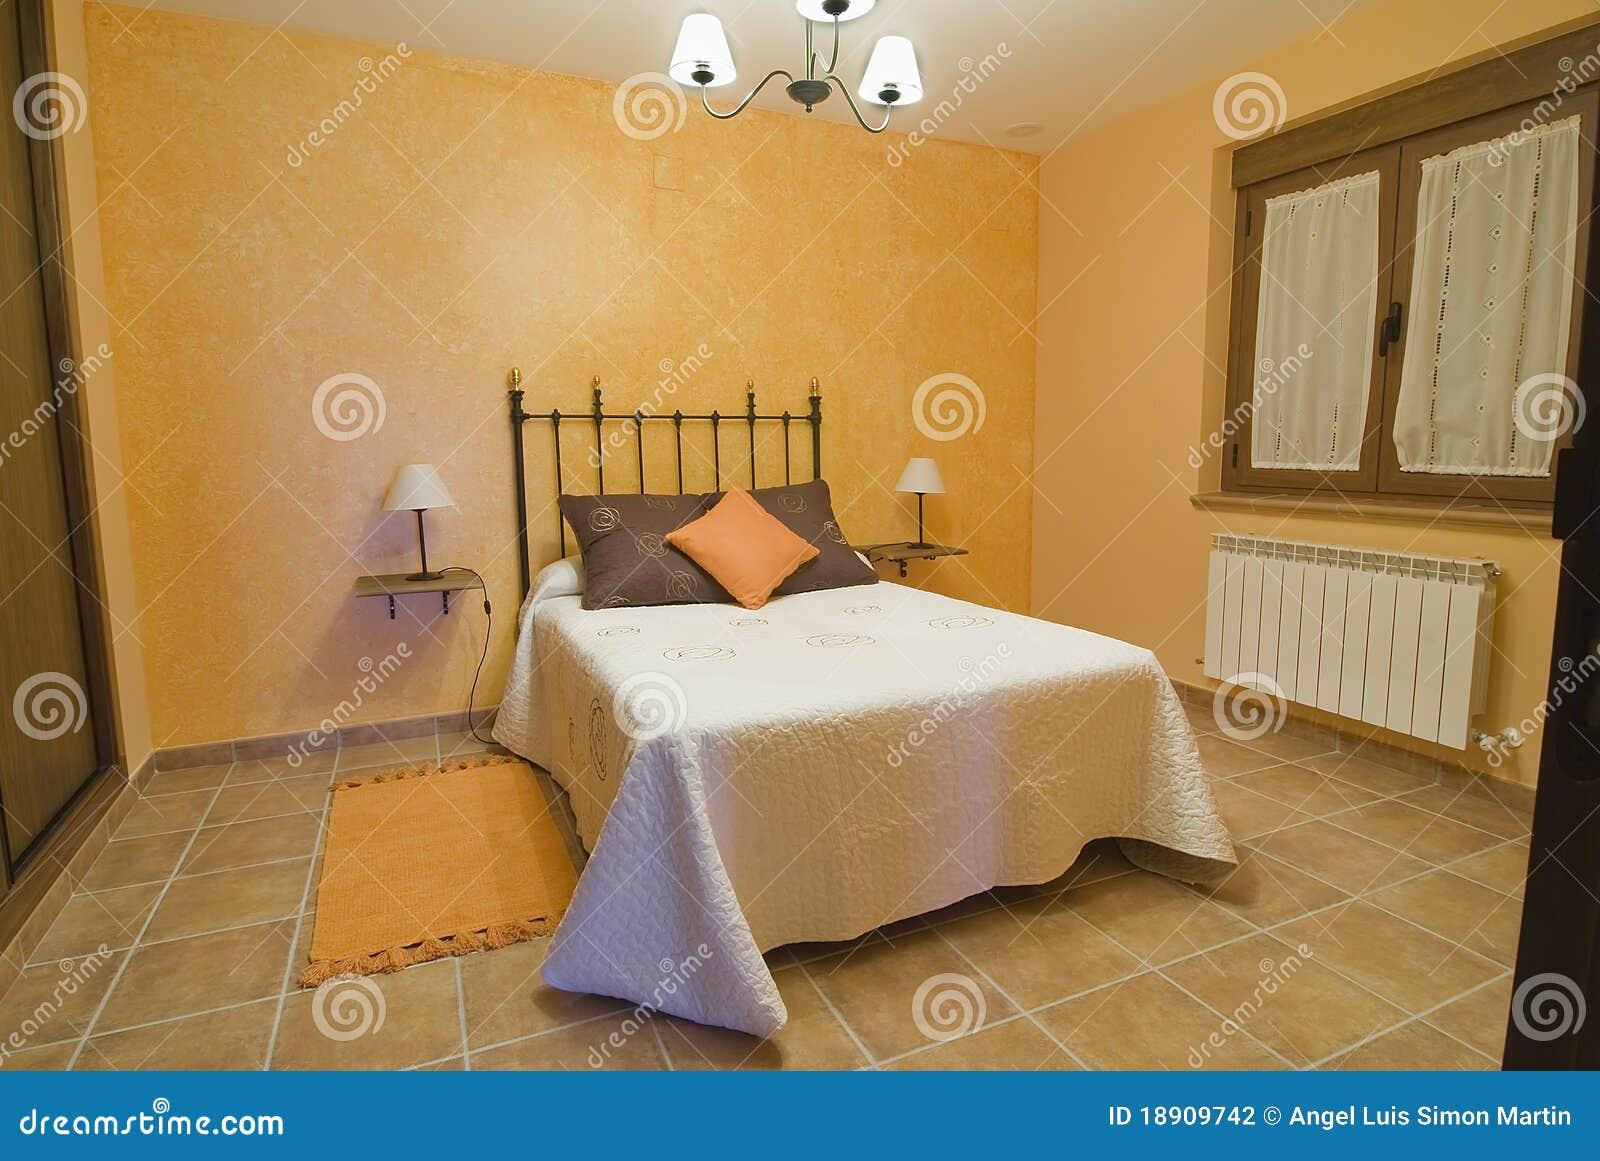 Una Camera Da Letto Arancione. Fotografia Stock - Immagine di ...